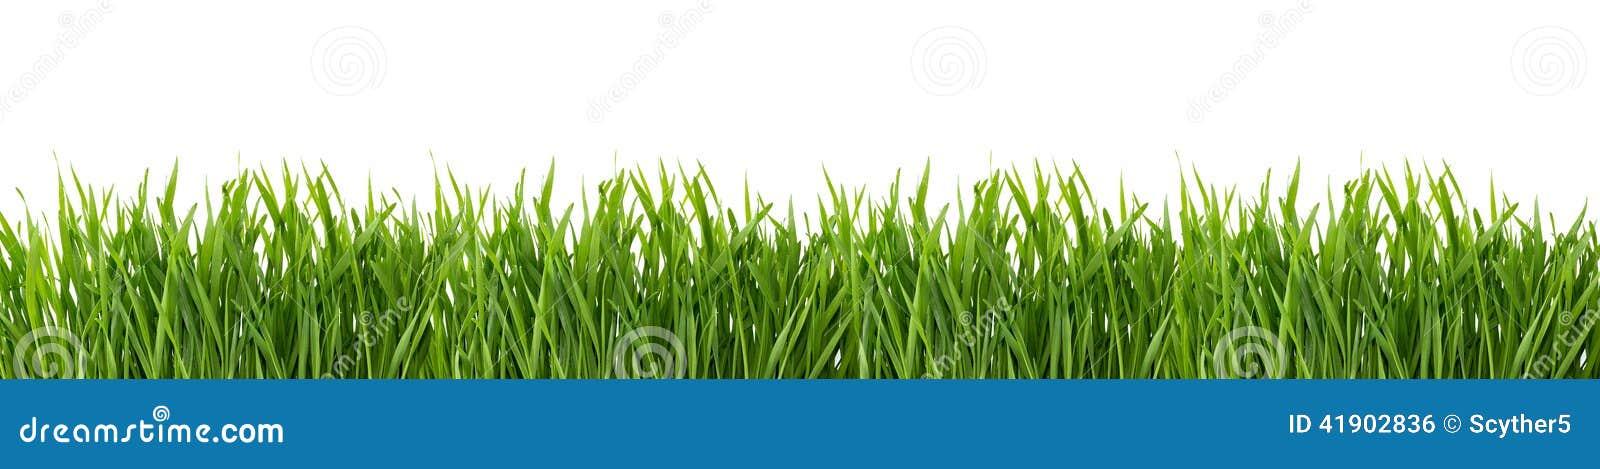 Grünes Gras getrennt auf weißem Hintergrund